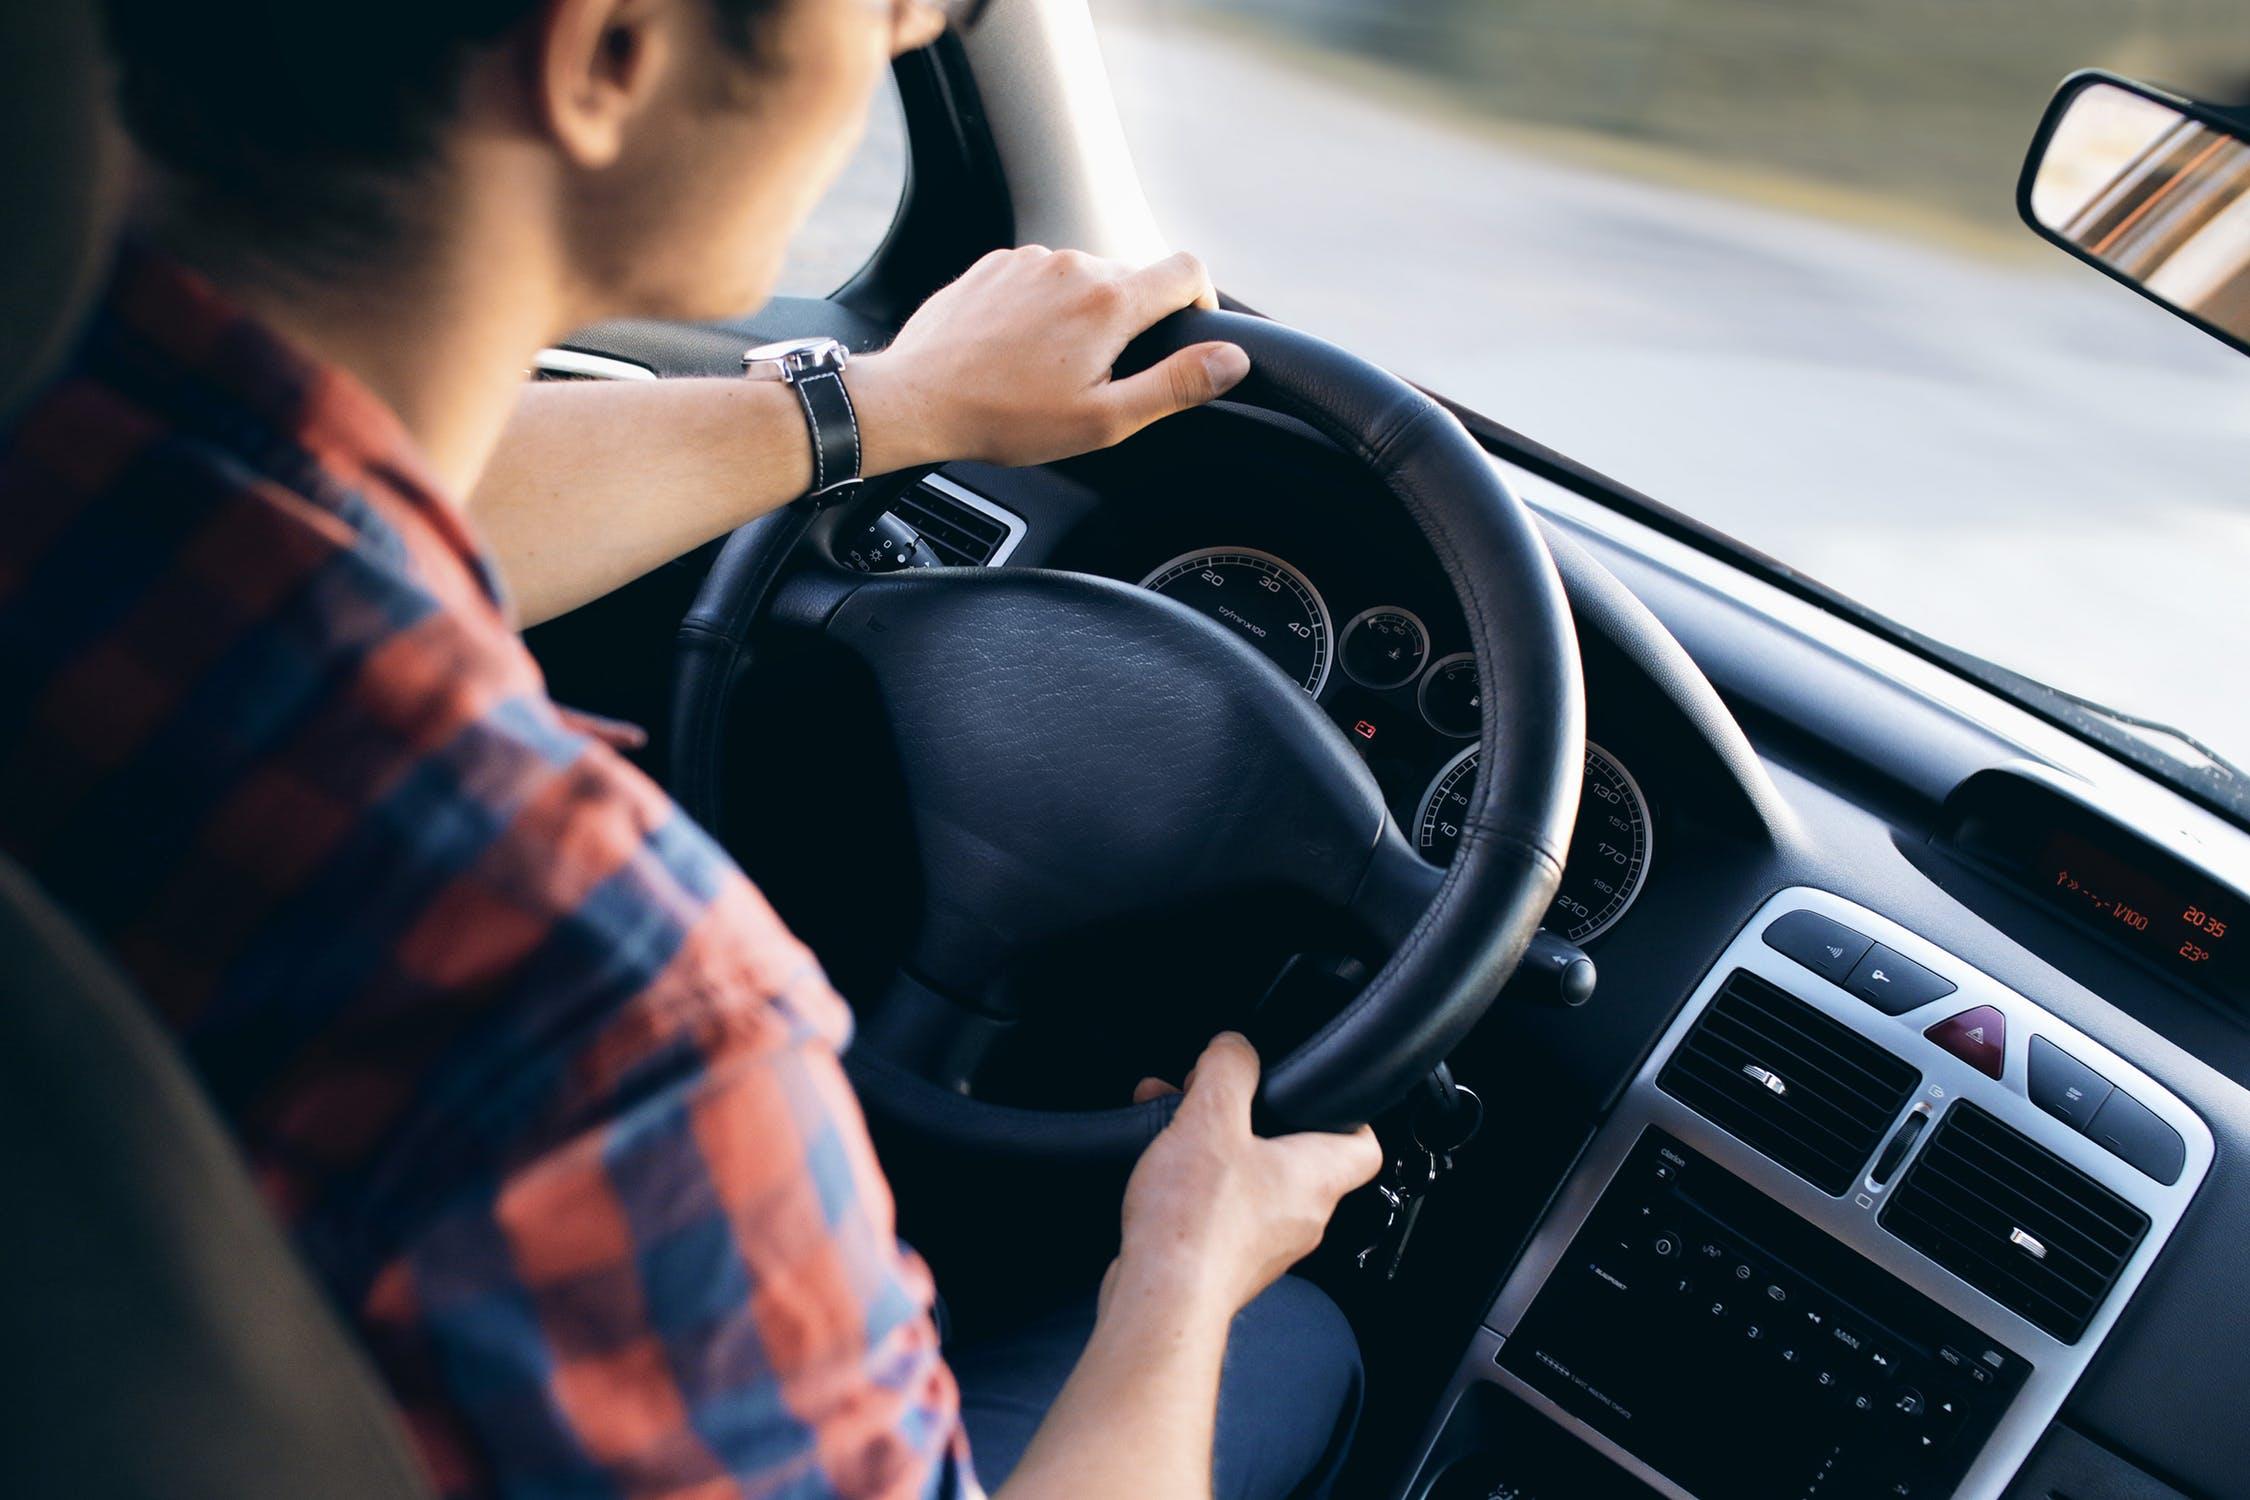 開車能使用暈車貼片嗎? 會有什麼副作用?